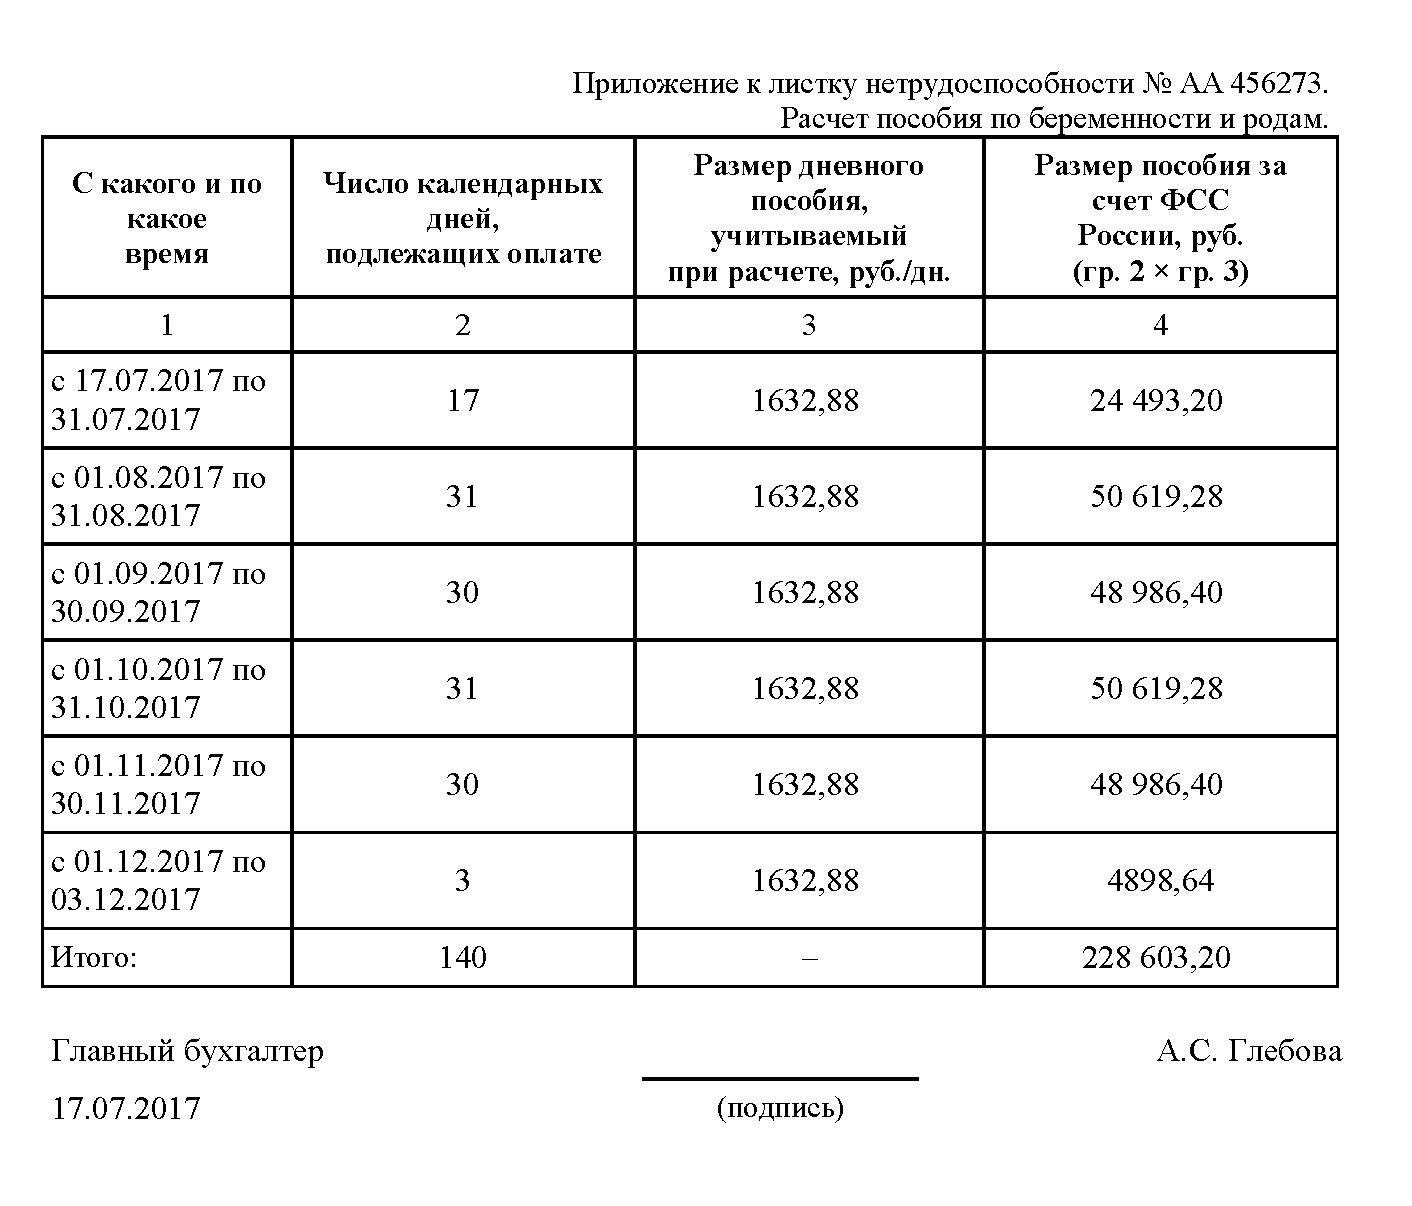 расчет декретного отпуска в 2017 году калькулятор хетчбек купе минивэн